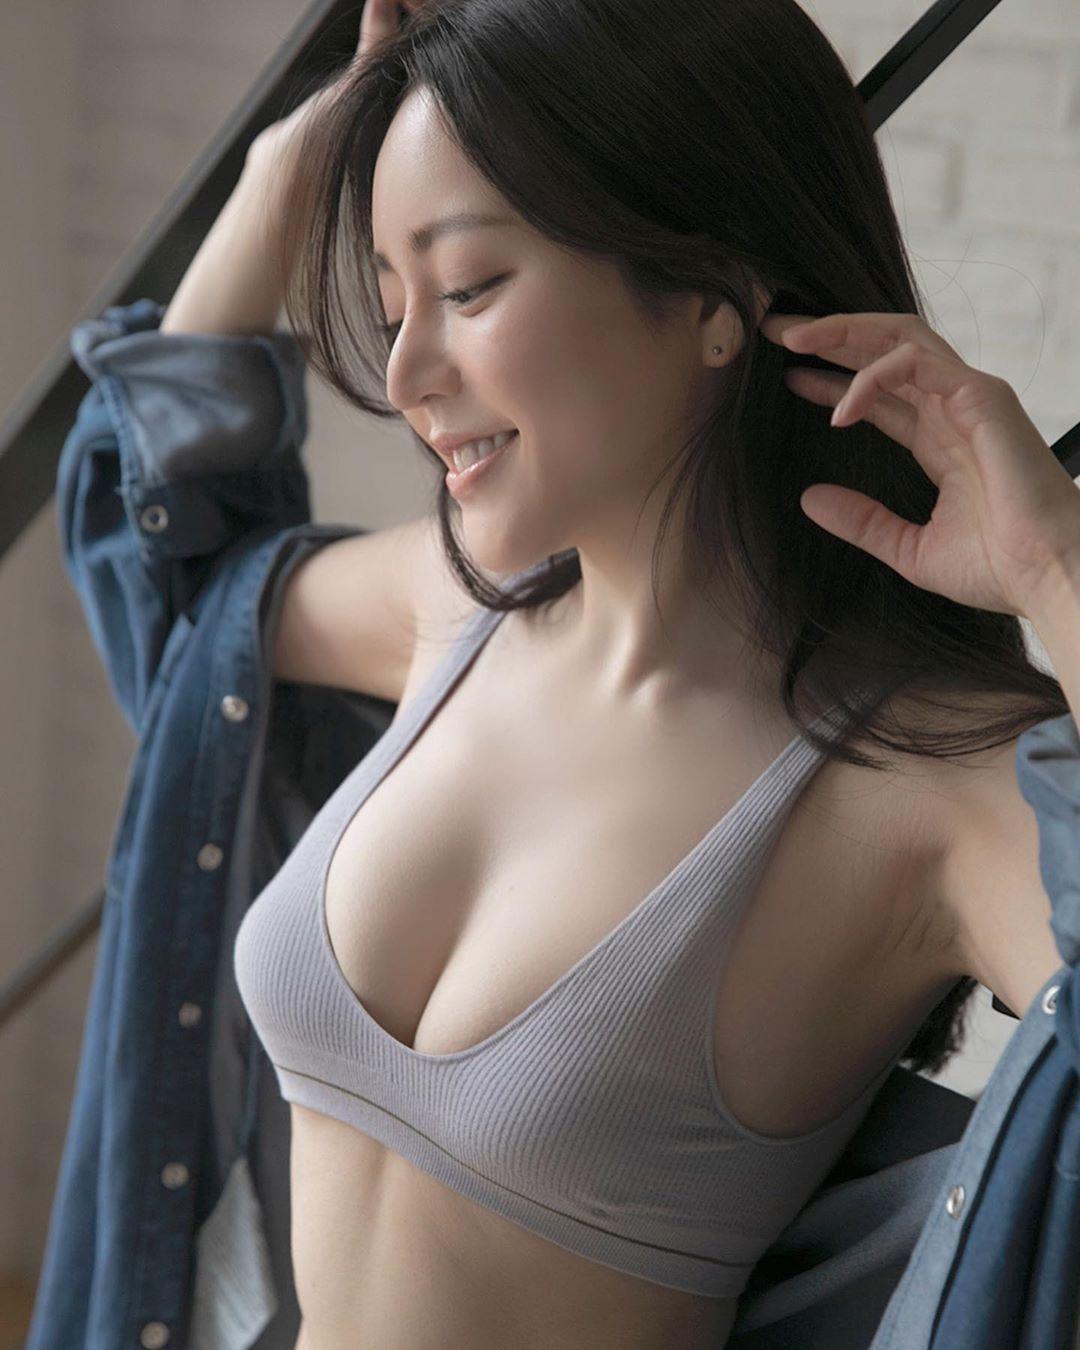 日本大胃王美女细肩带背心内衣饱满胸型外泄 养眼图片 第2张